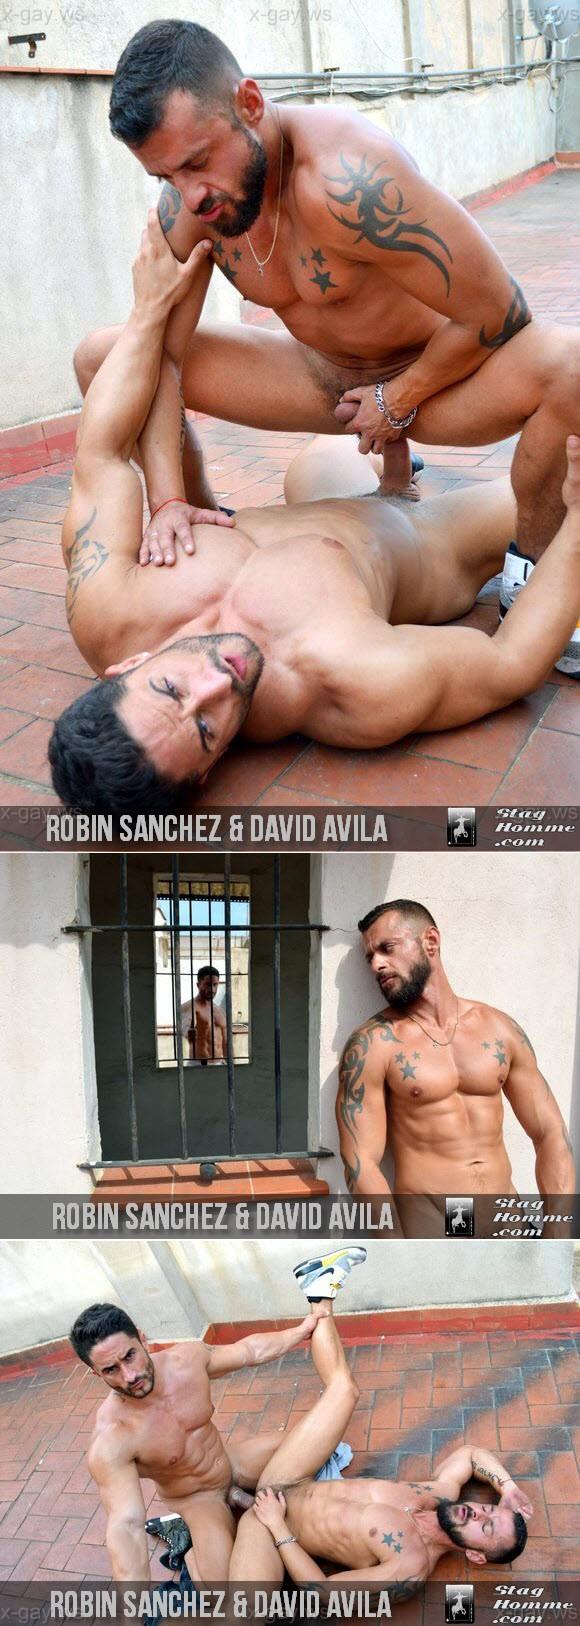 StagHomme – Robin Sanchez & David Avila